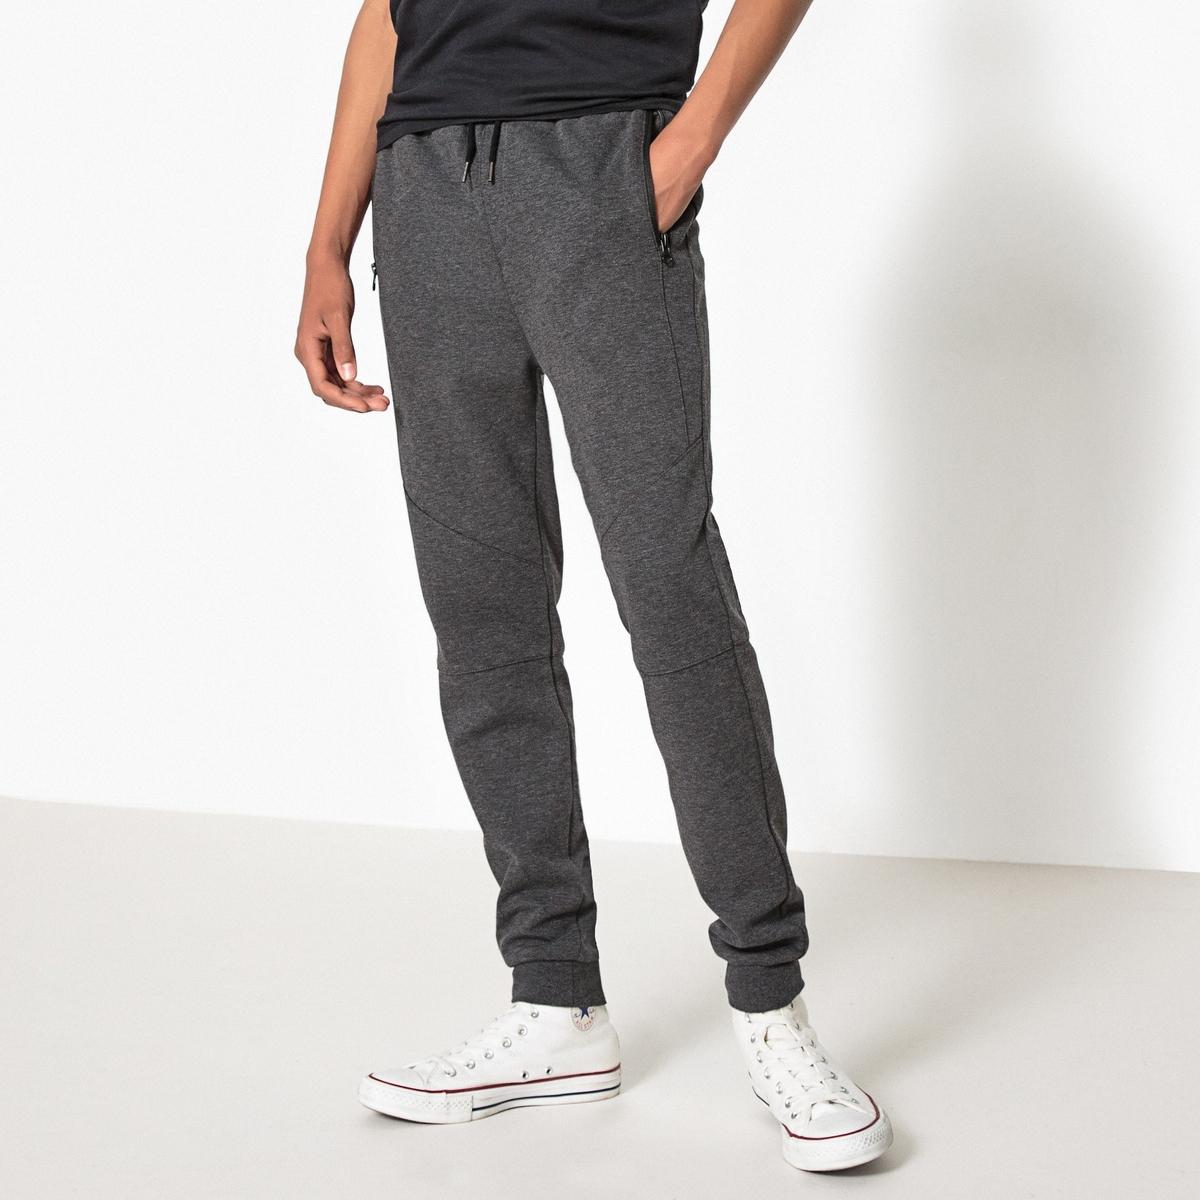 Спортивные брюки 10-16 летСпортивные брюки с эластичным поясом с завязками. 2 кармана на молнии спереди + 1 карман сзади . Вырезы на коленях спереди .Состав и описание :    Материал      75% полиэстера, 25% хлопка  Уход: : - Машинная стирка при 30°C с вещами схожих цветов. Стирка и глажка с изнаночной стороны. Машинная сушка в умеренном режиме. Гладить на низкой температуре.<br><br>Цвет: темно-серый меланж<br>Размер: 10 лет - 138 см.16 лет - 174 см.12 лет -150 см